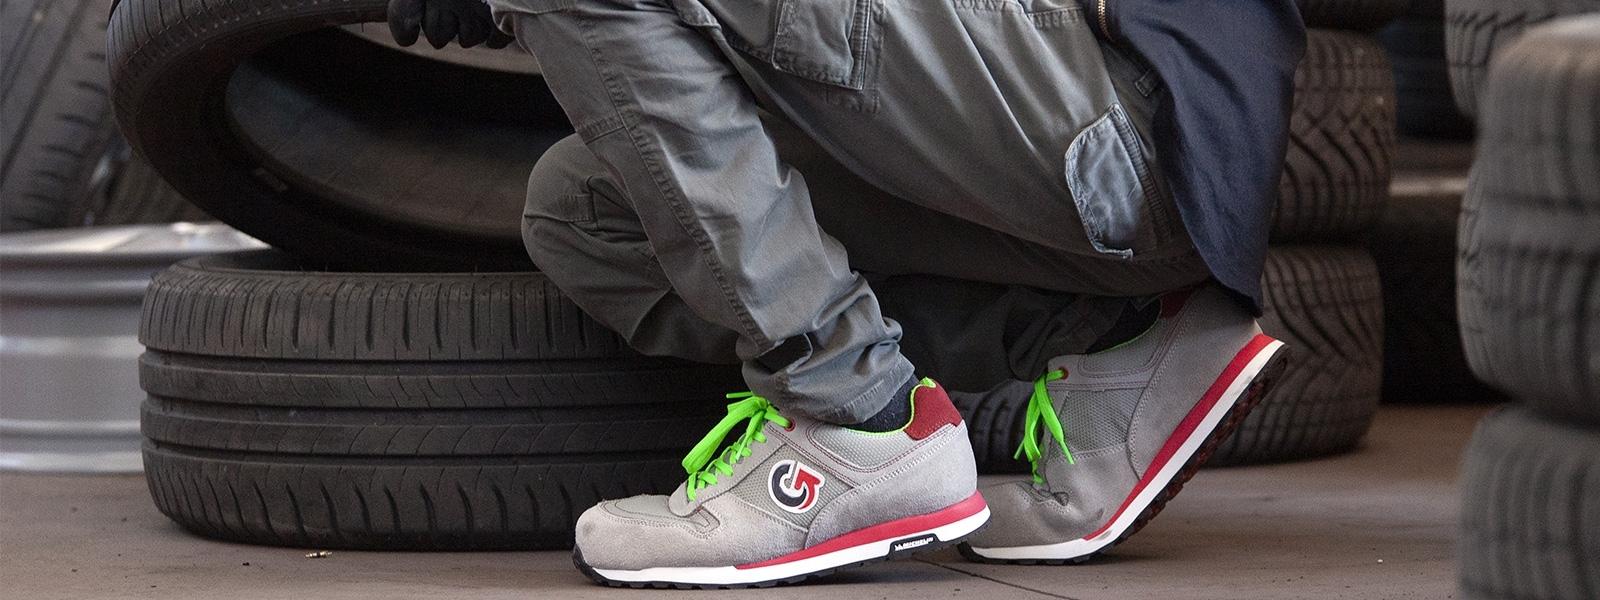 Scarpe antinfortunistiche S1P S3 con suola antistatica Michelin